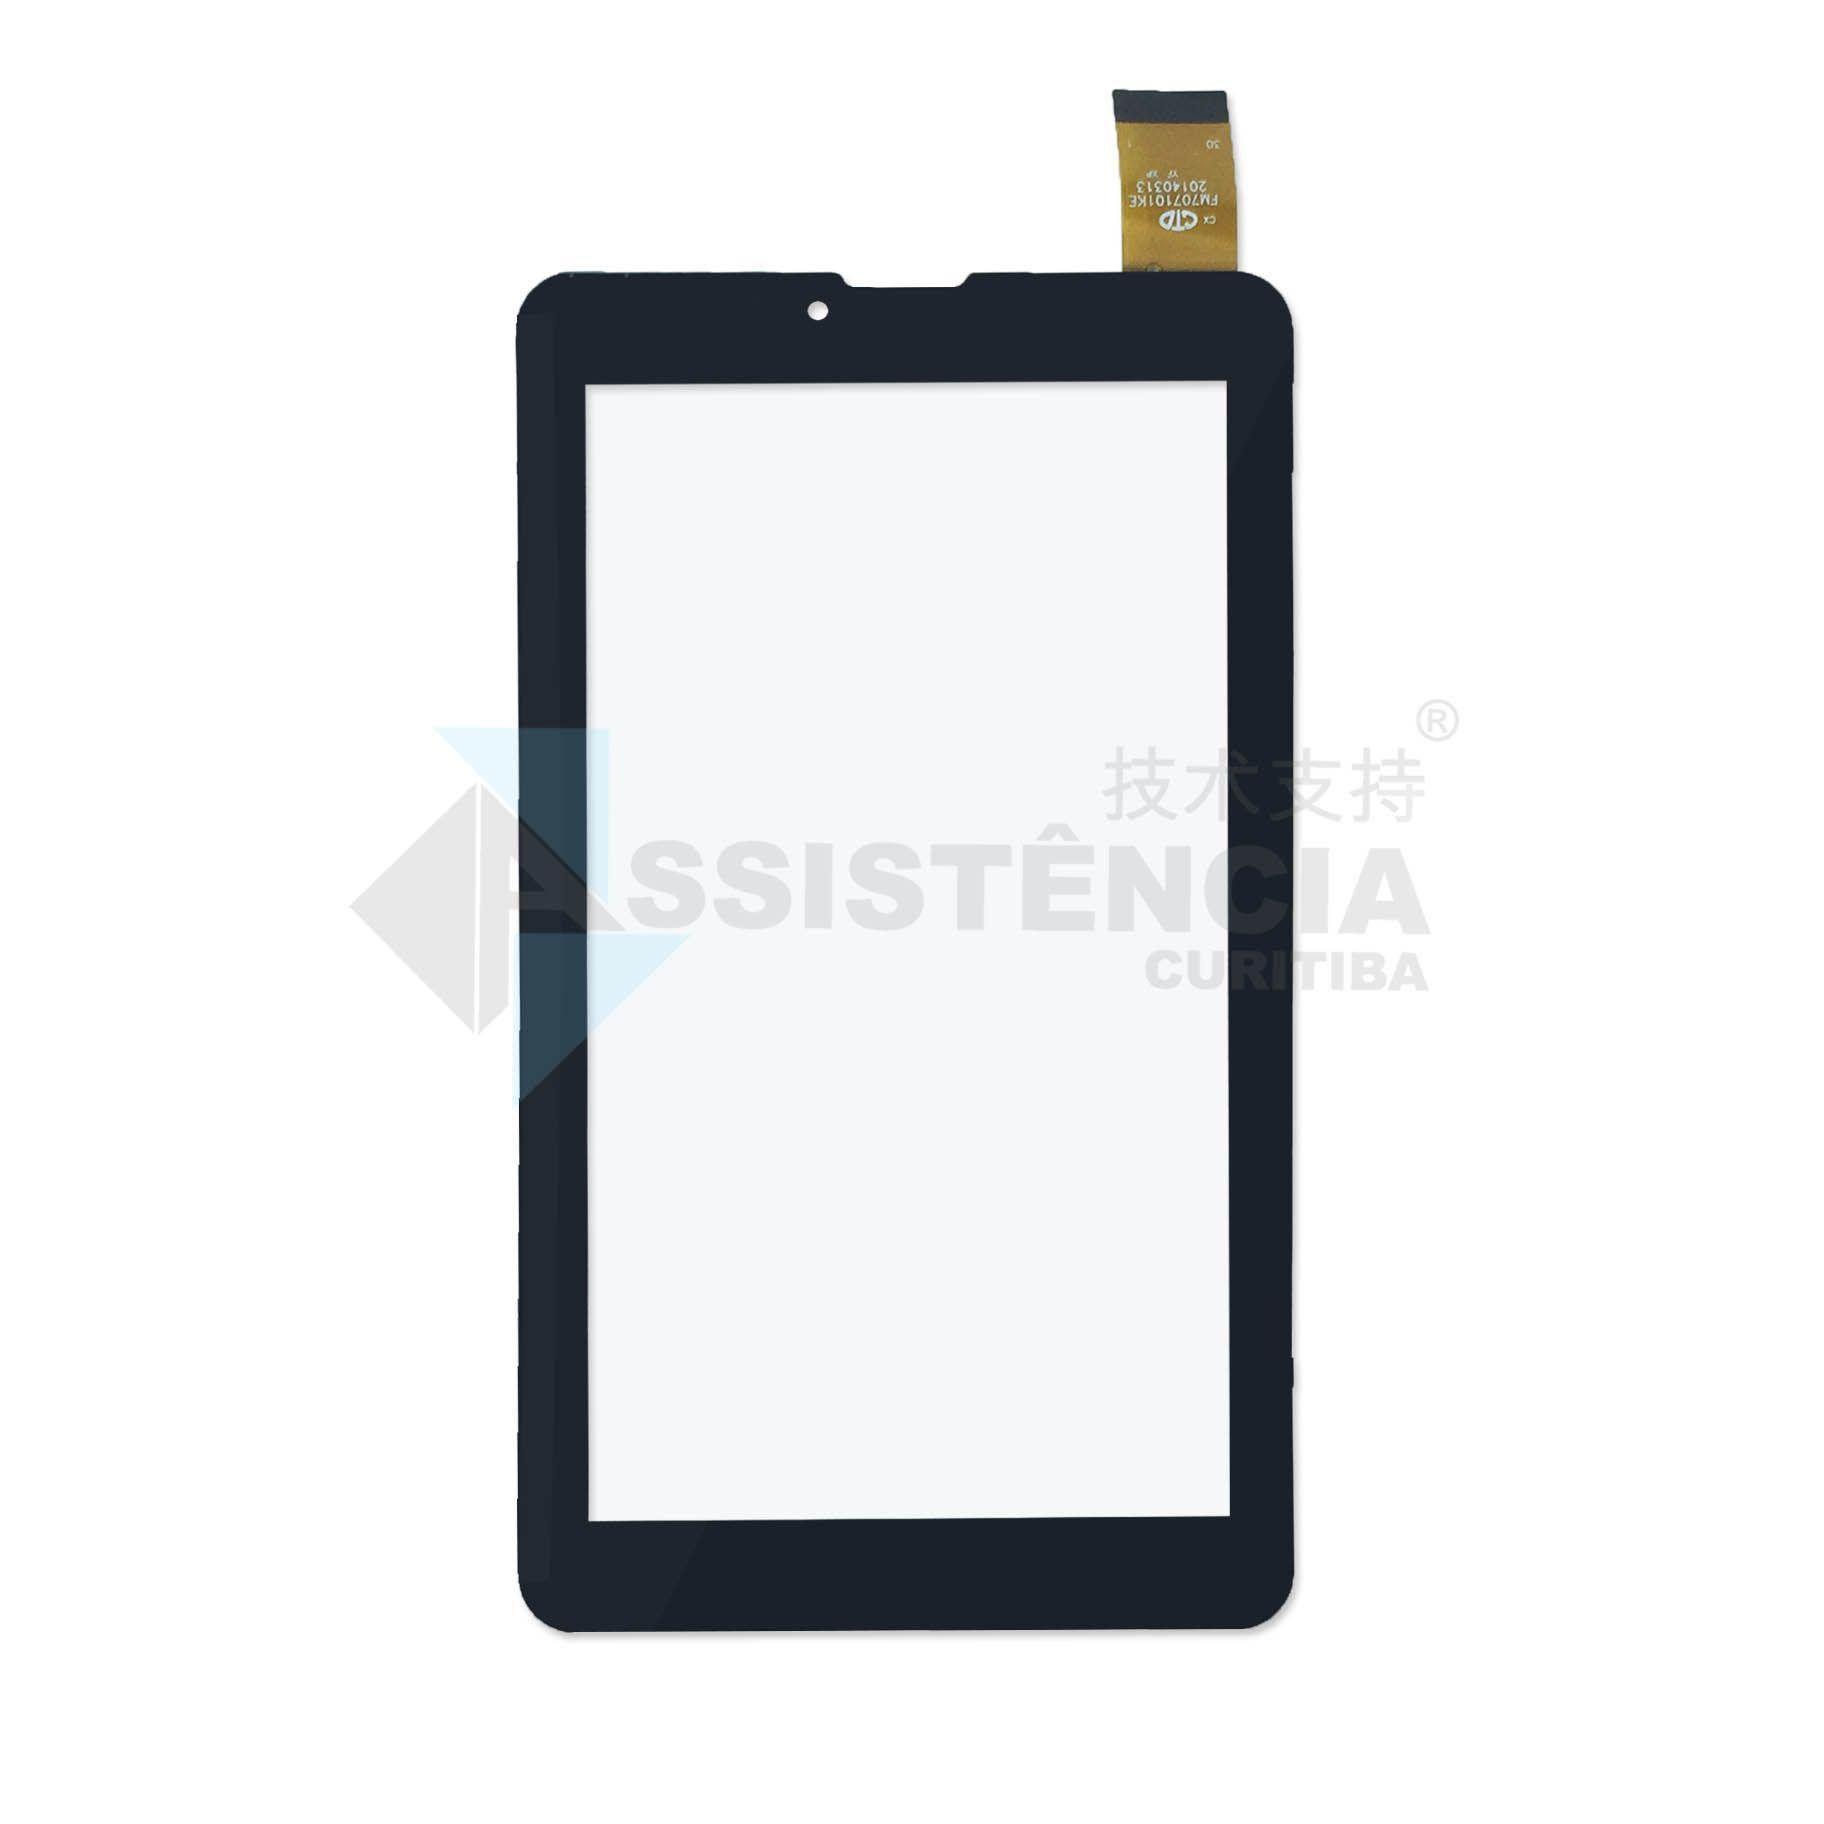 Tela Touch Dl TecPhone 610 TX320 LCD129 Preto